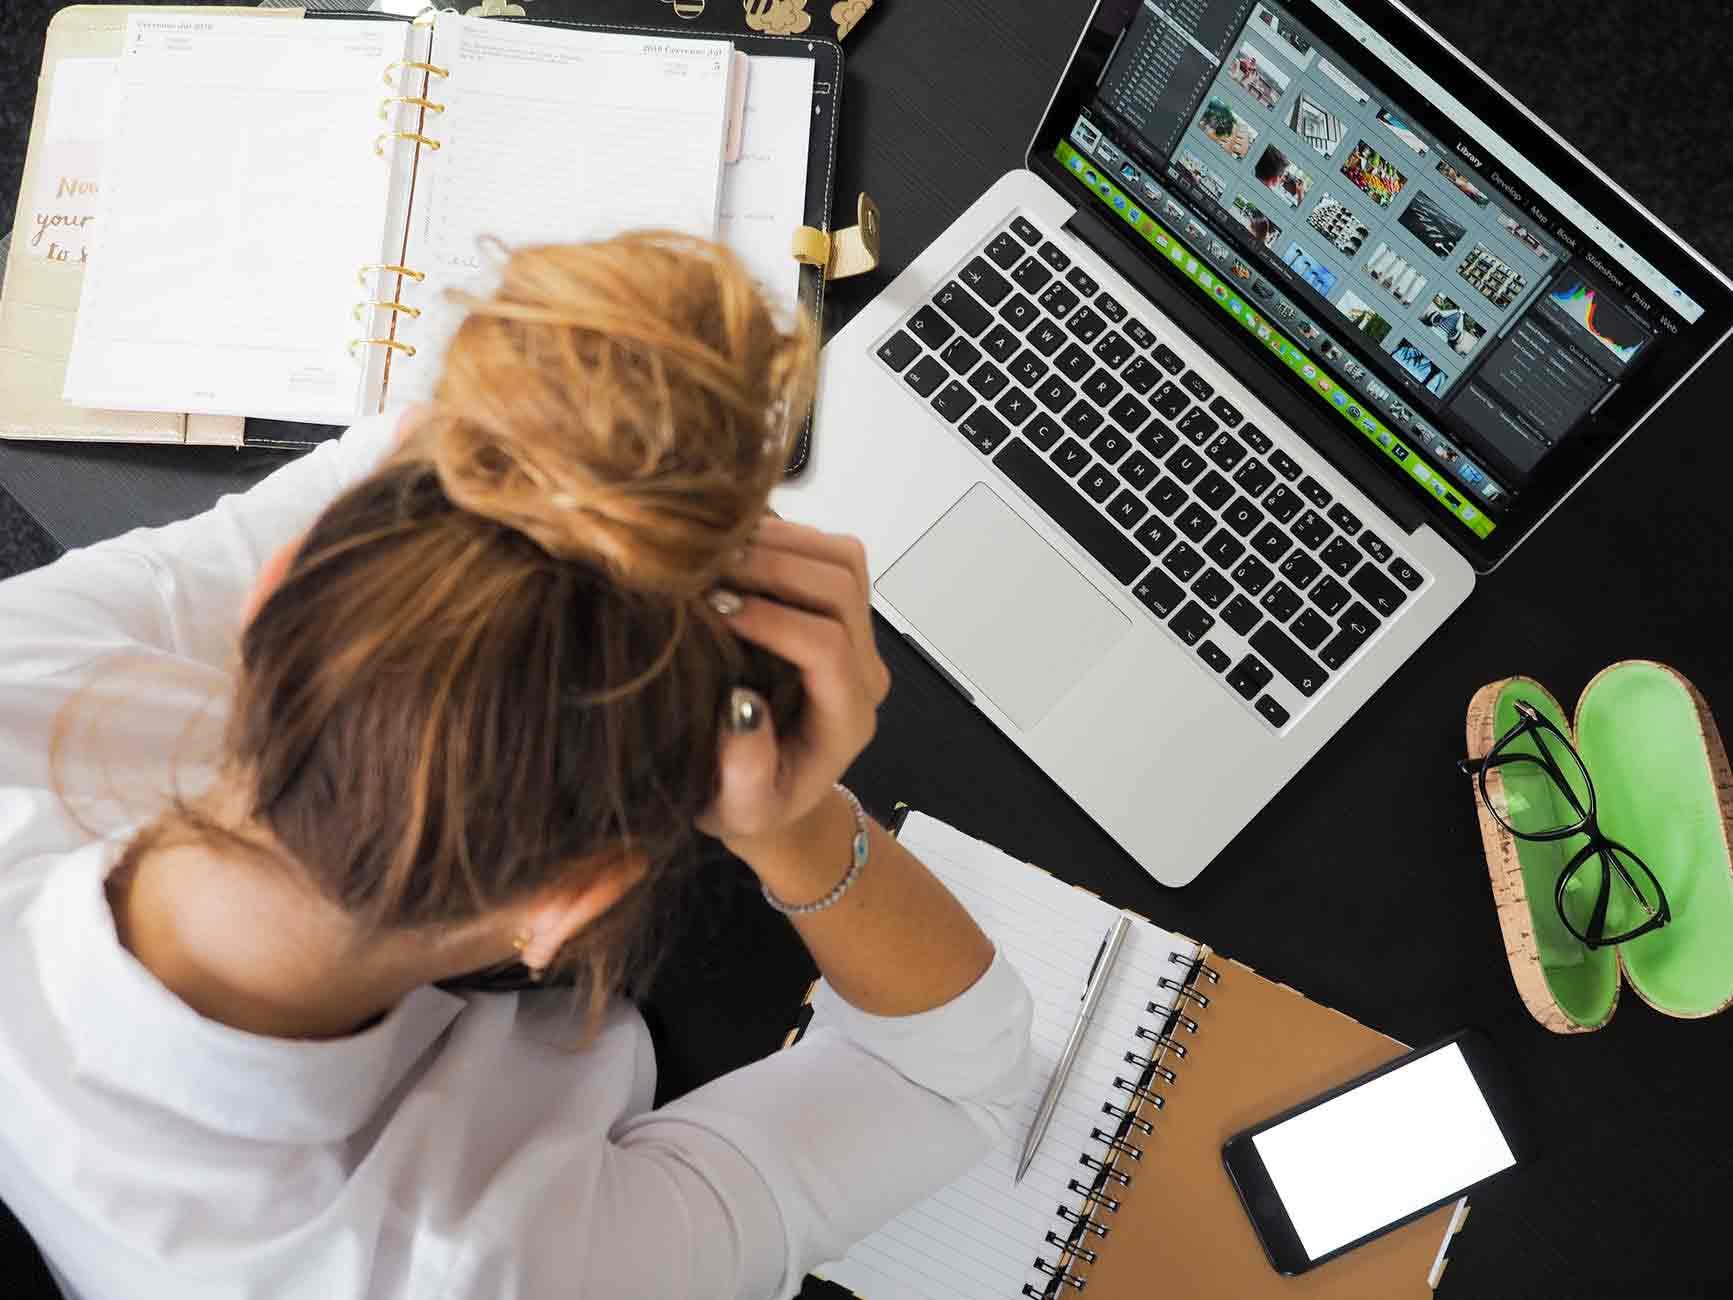 Desídia: o que é e por que ela pode motivar a demissão por justa causa?